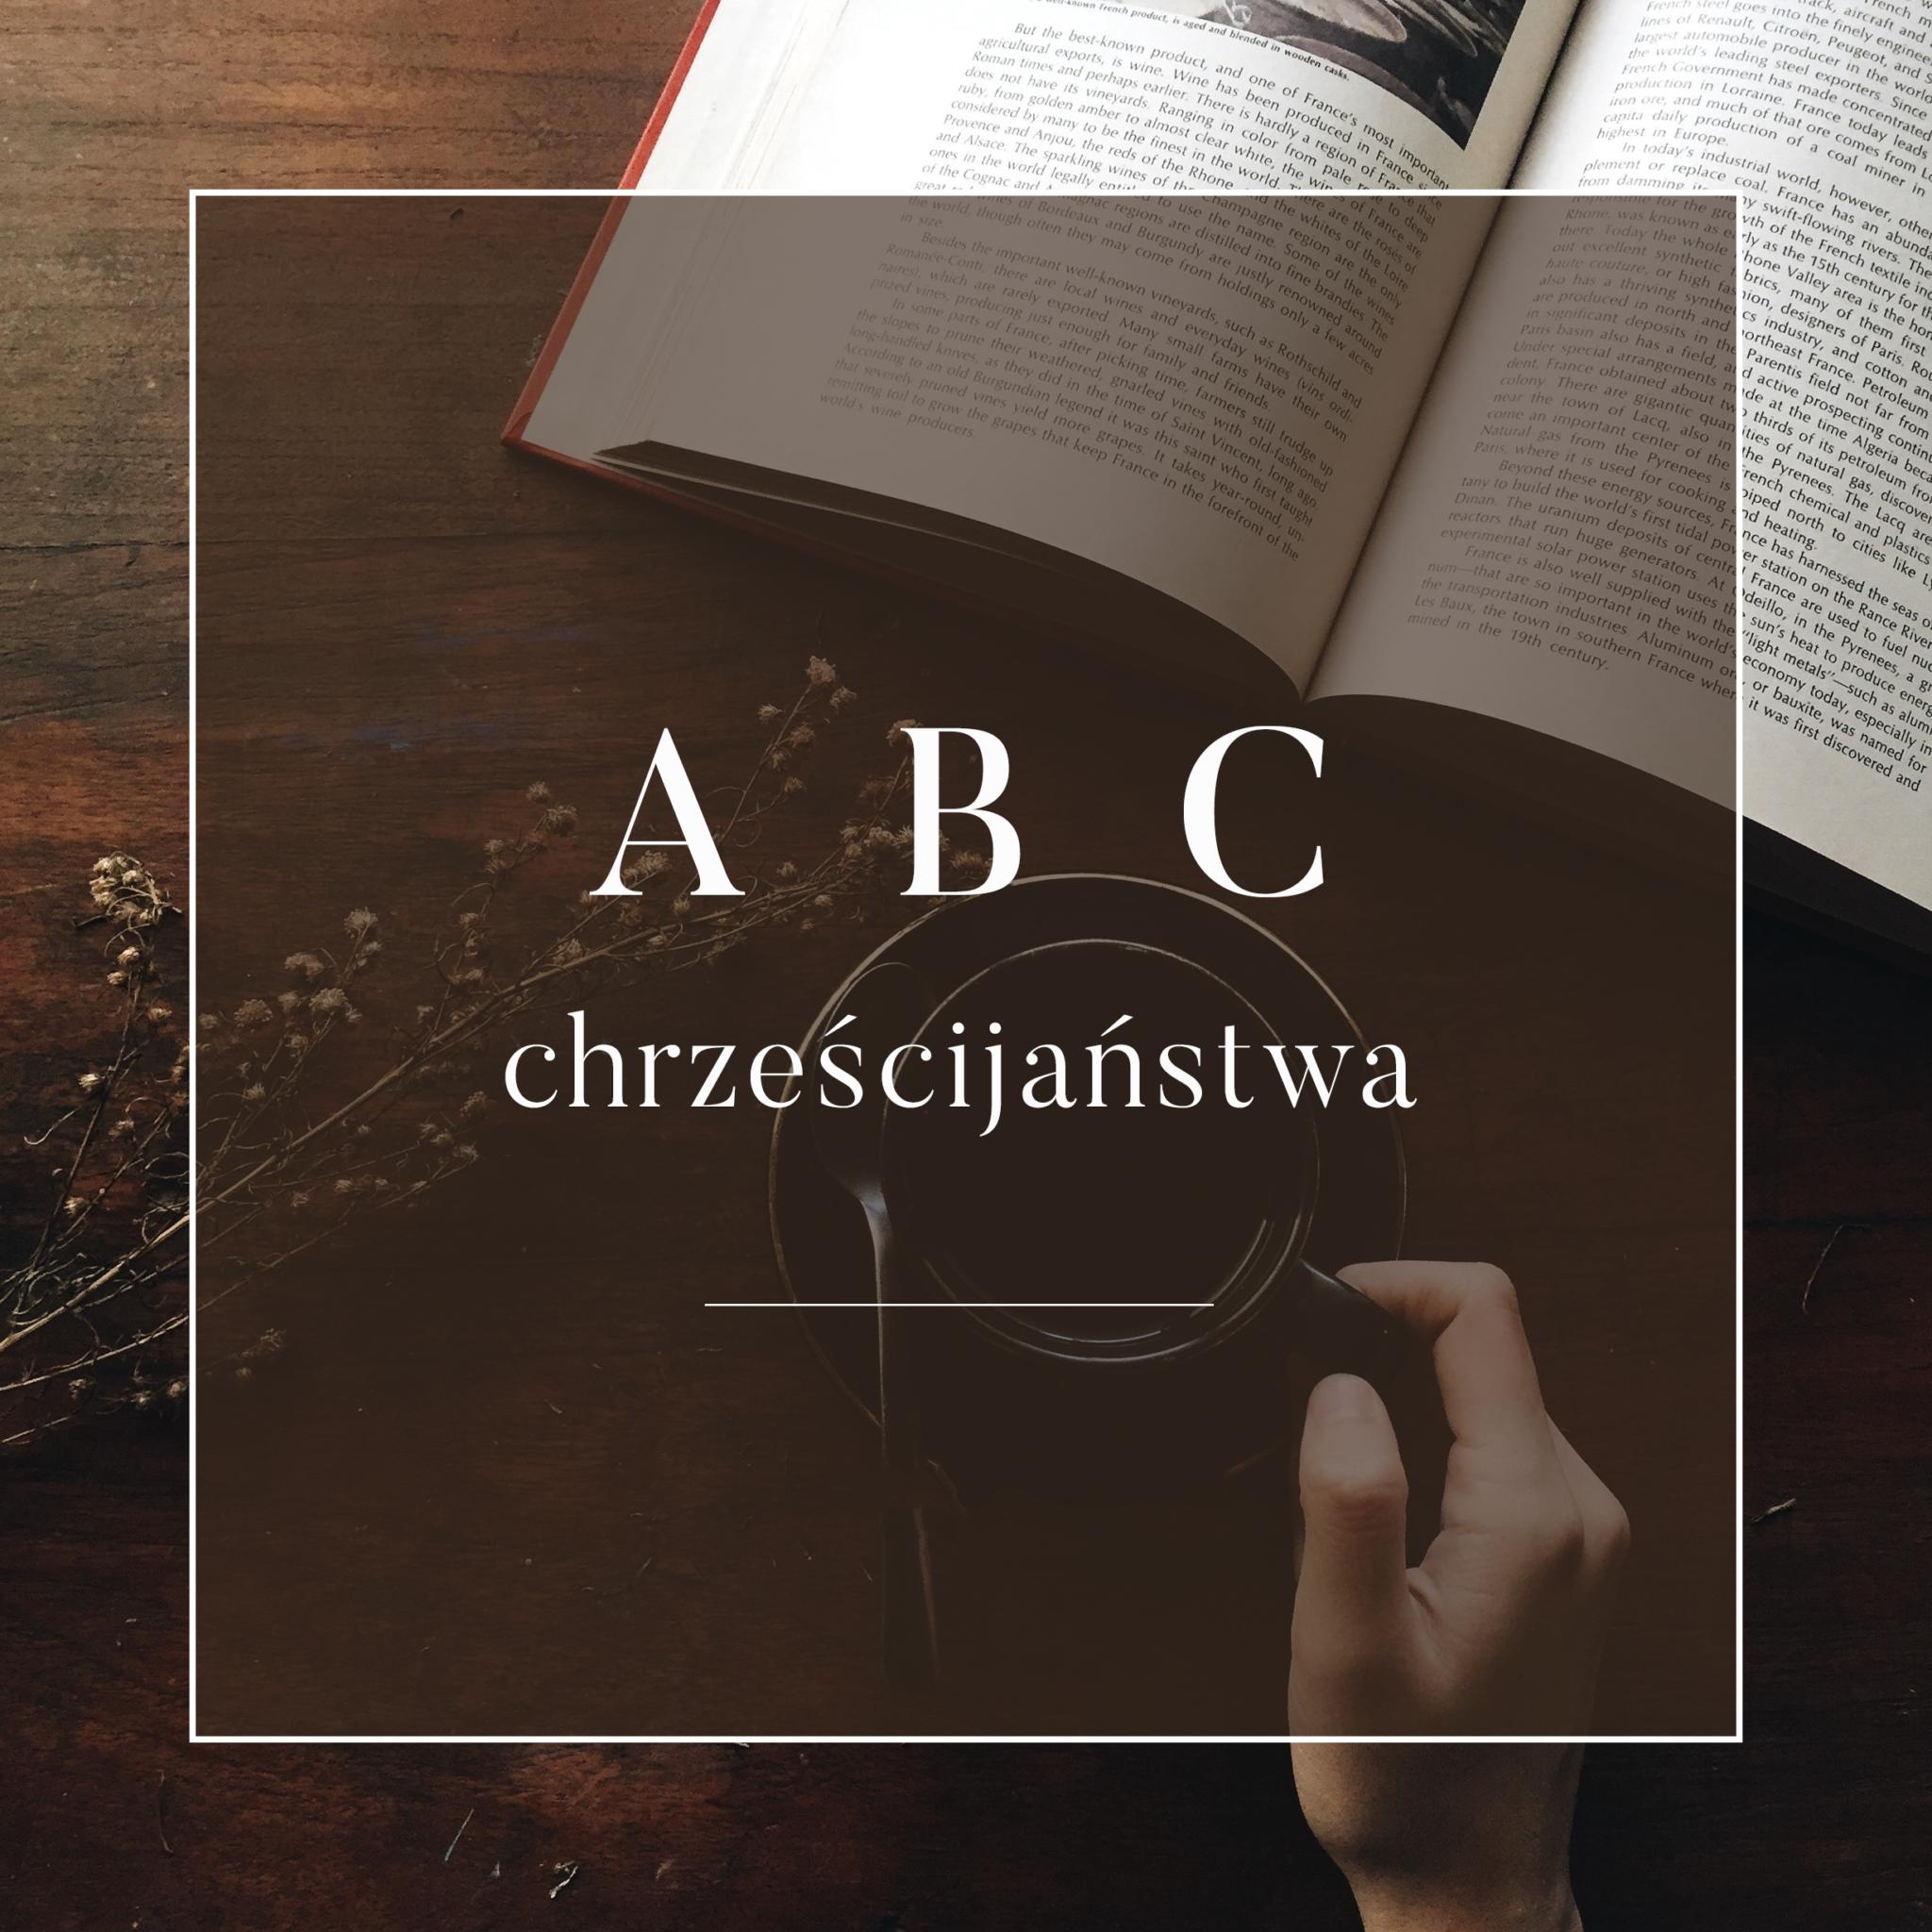 abc2016-kopia